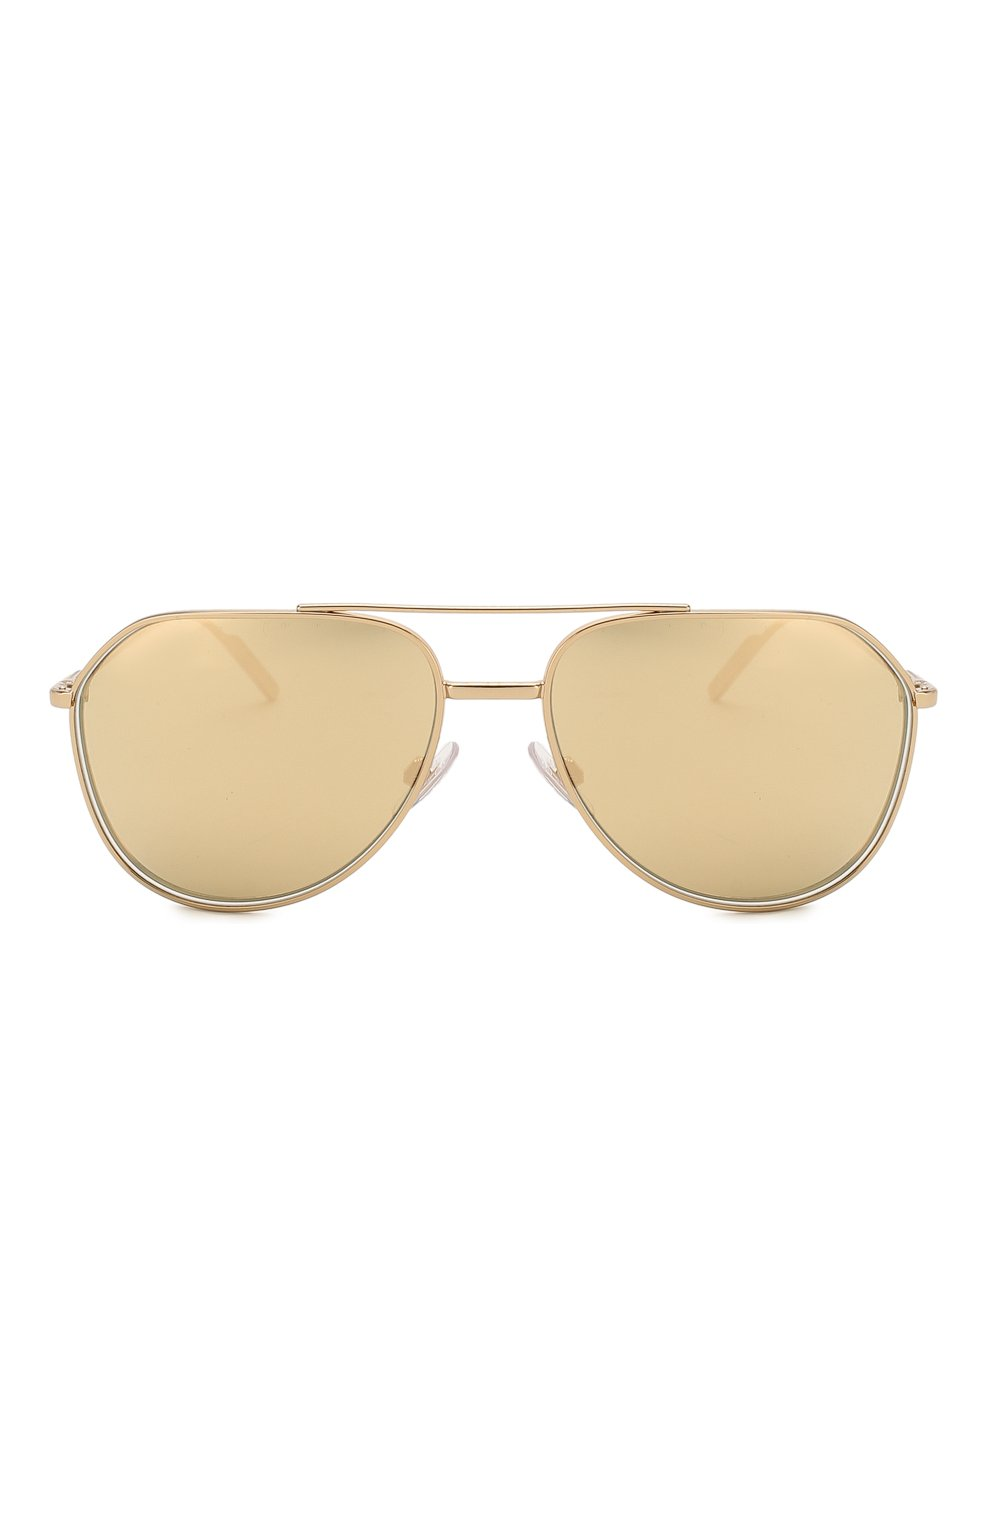 Женские солнцезащитные очки DOLCE & GABBANA золотого цвета, арт. 2166-K02/F9 | Фото 4